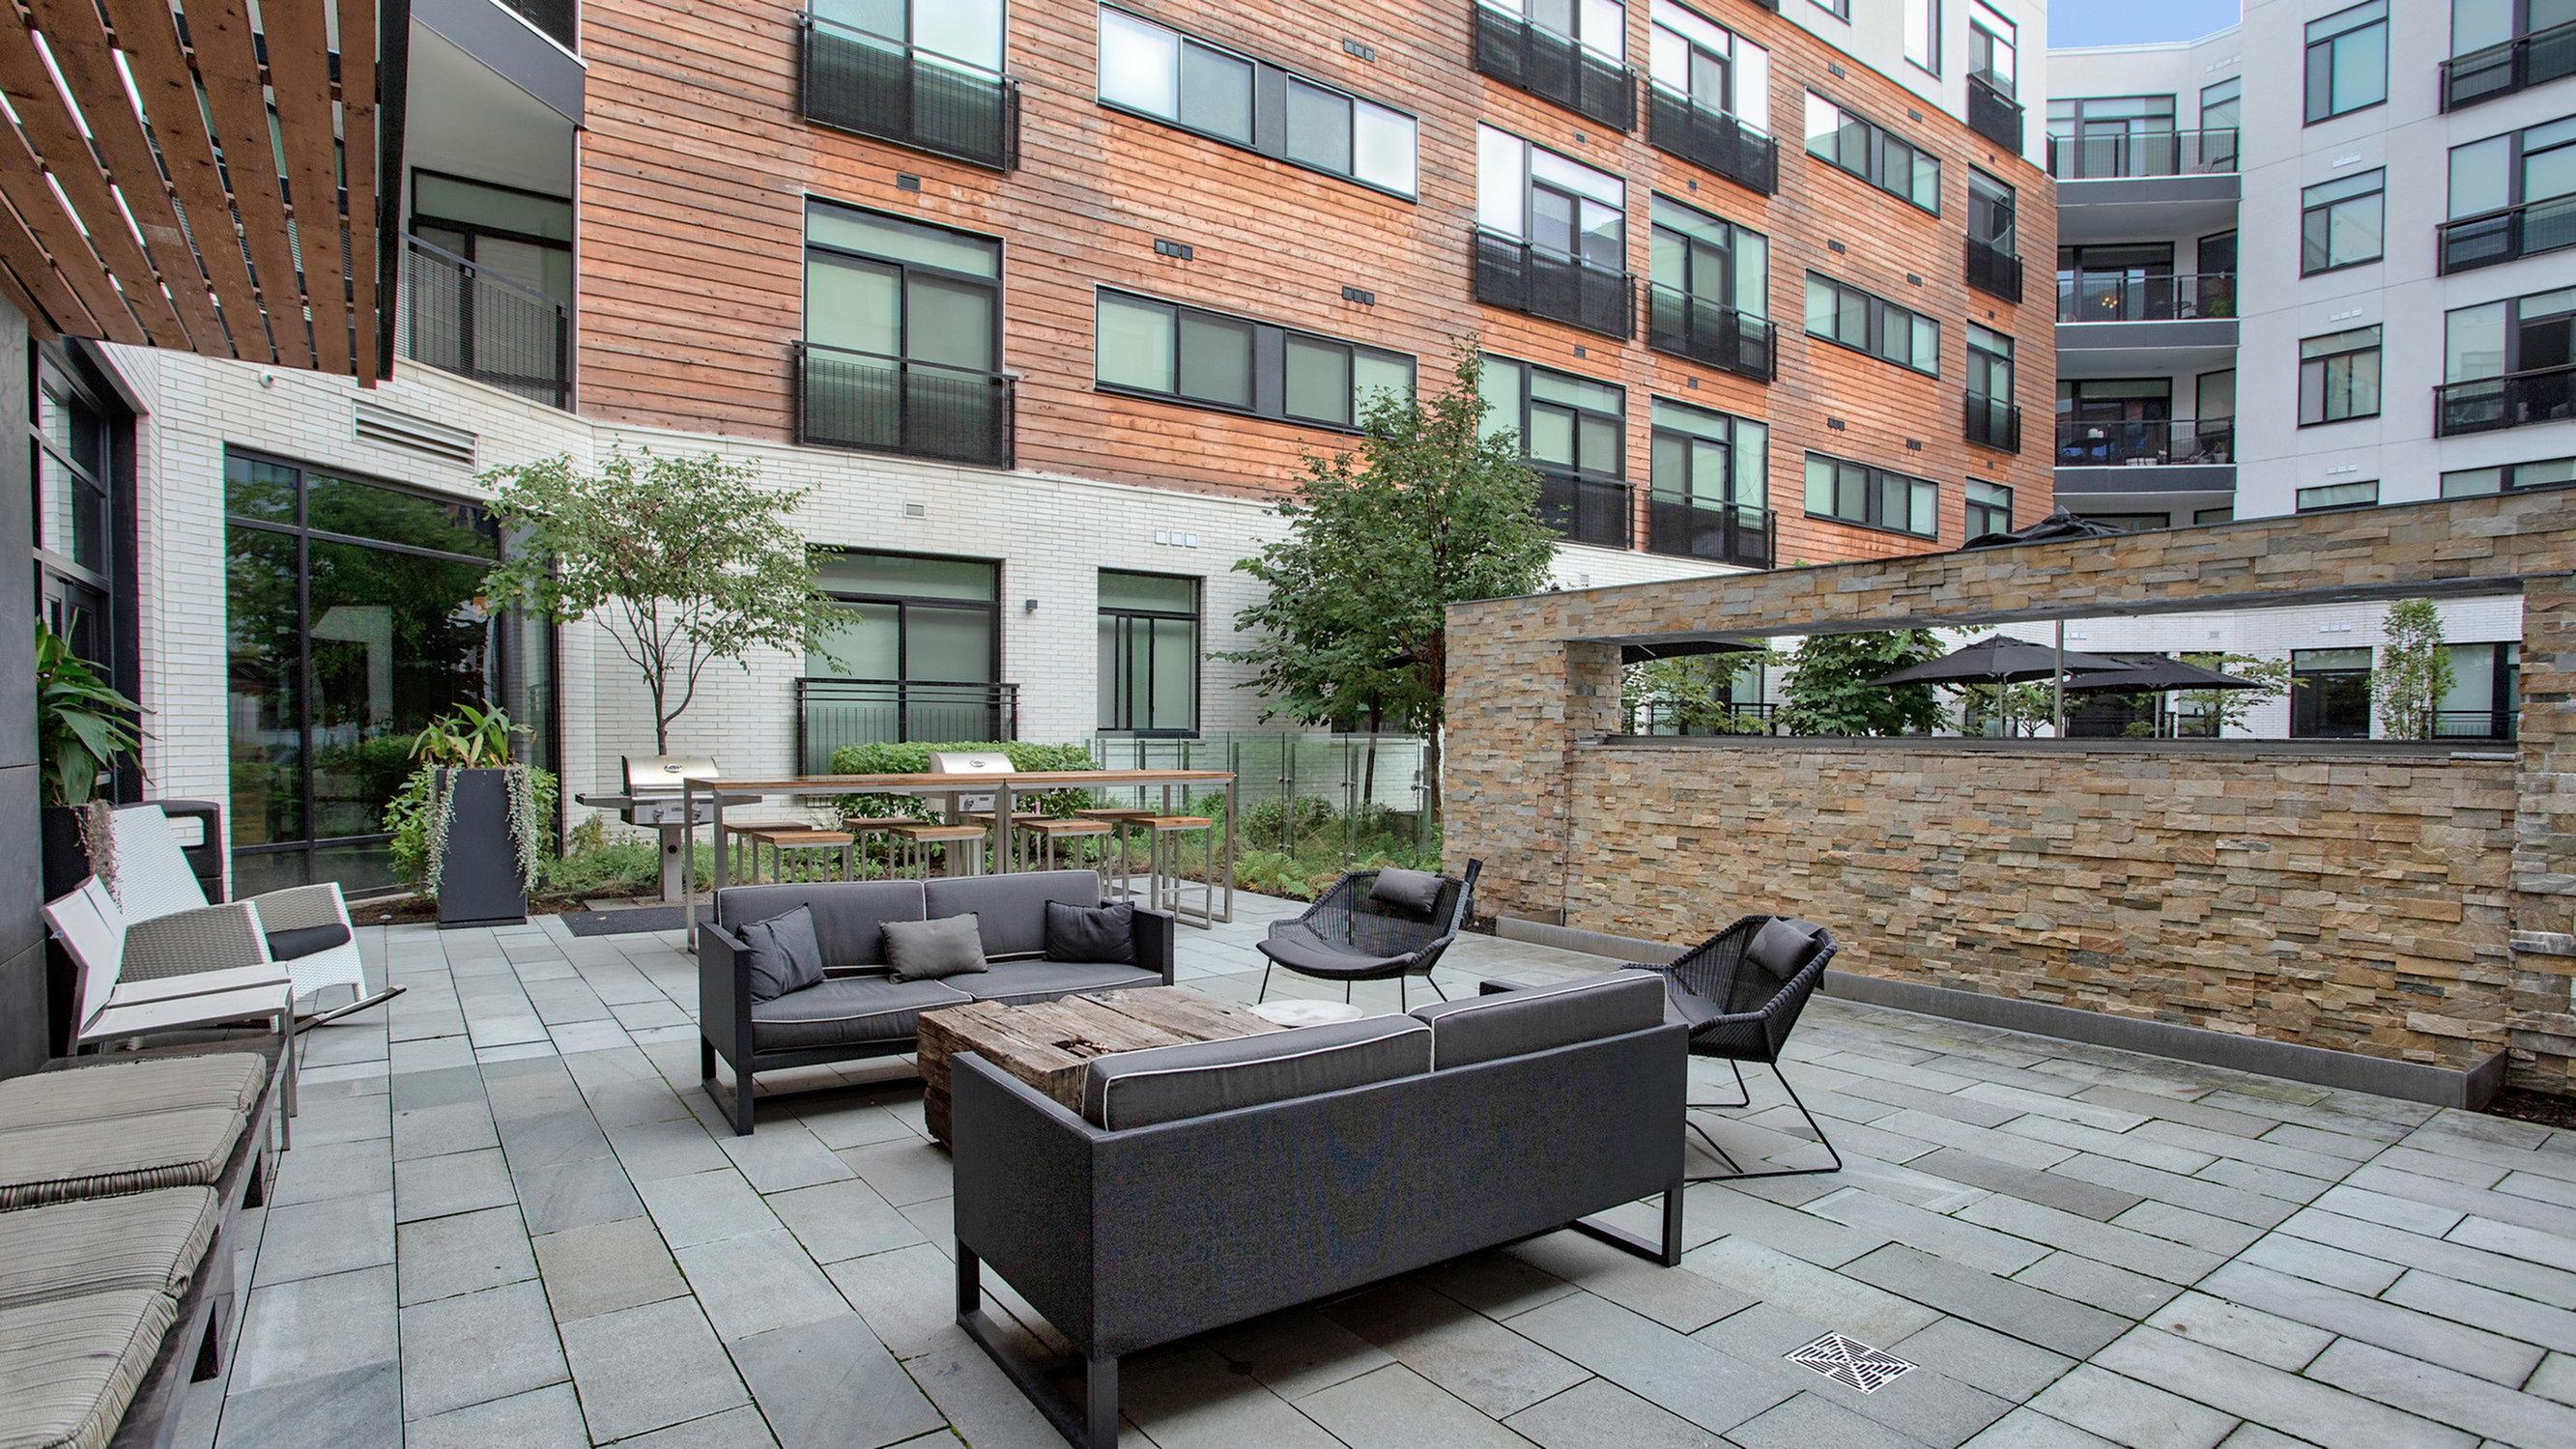 Image of Landscaped Pool Deck for Eastside Bond